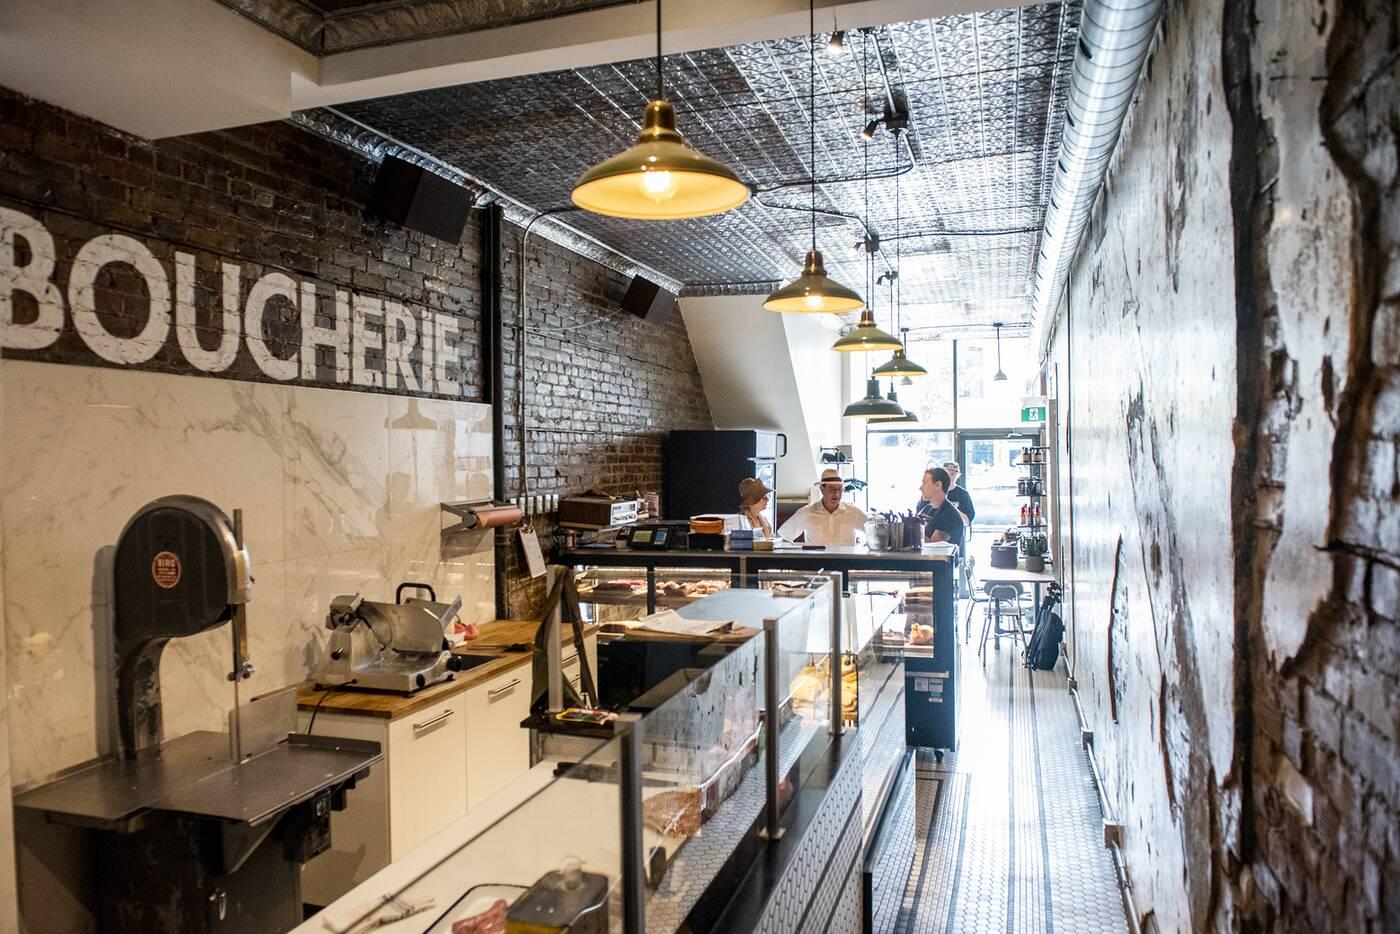 Chantecler Boucherie Toronto